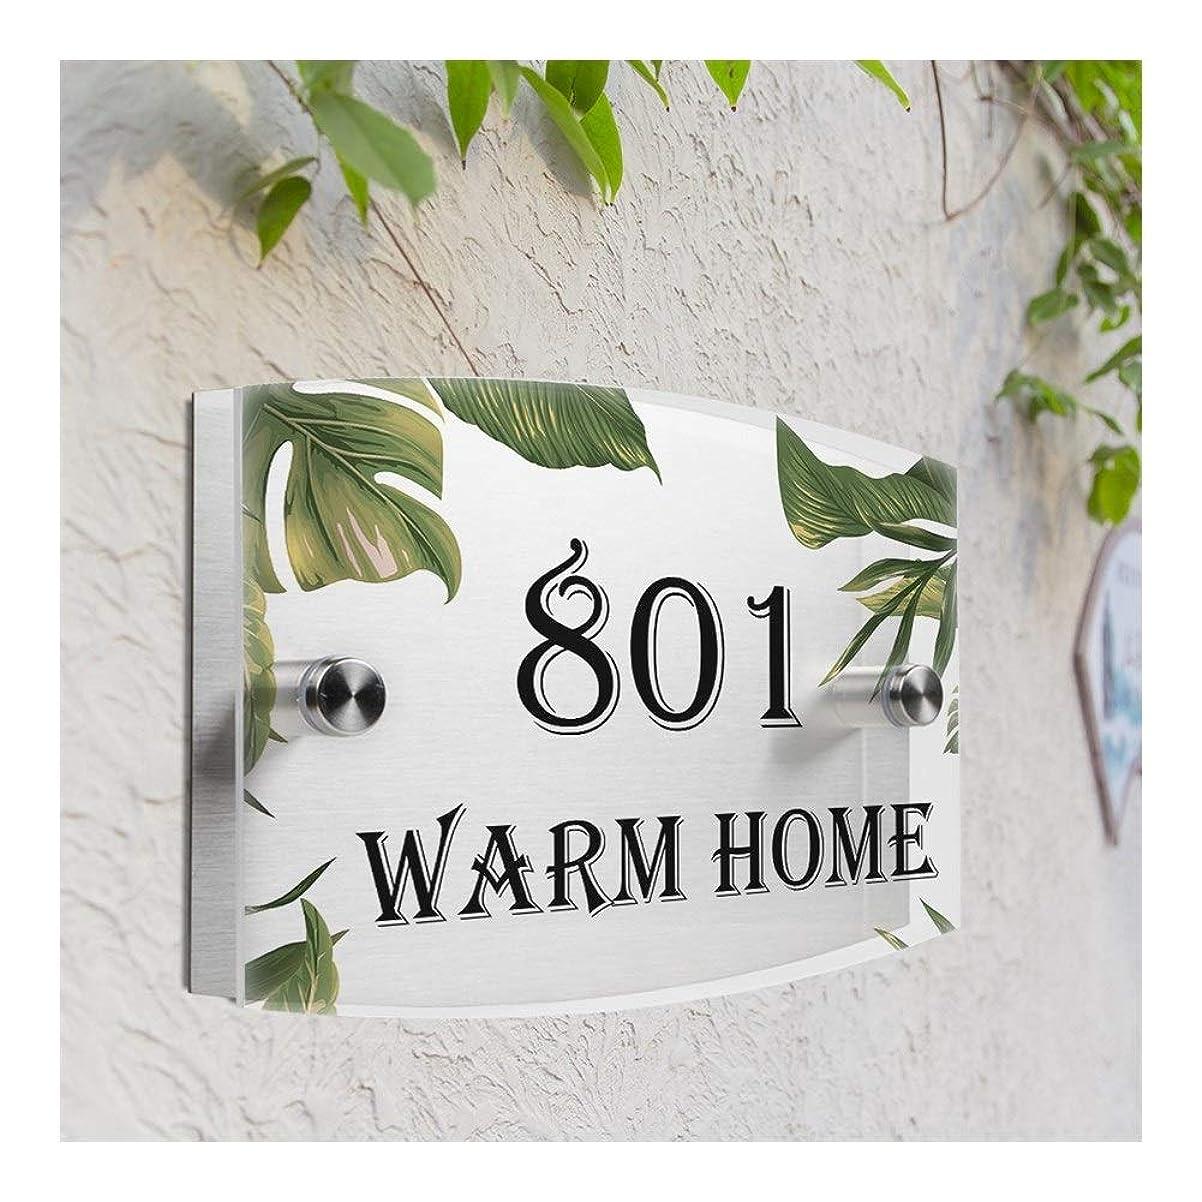 空白清めるシリングZ-Y 家屋番号 ドア番号プラーク パームの葉は、アクリルガラスつや消し通りに家現代の家屋番号プラークをパーソナライズ #z (Color : 1)